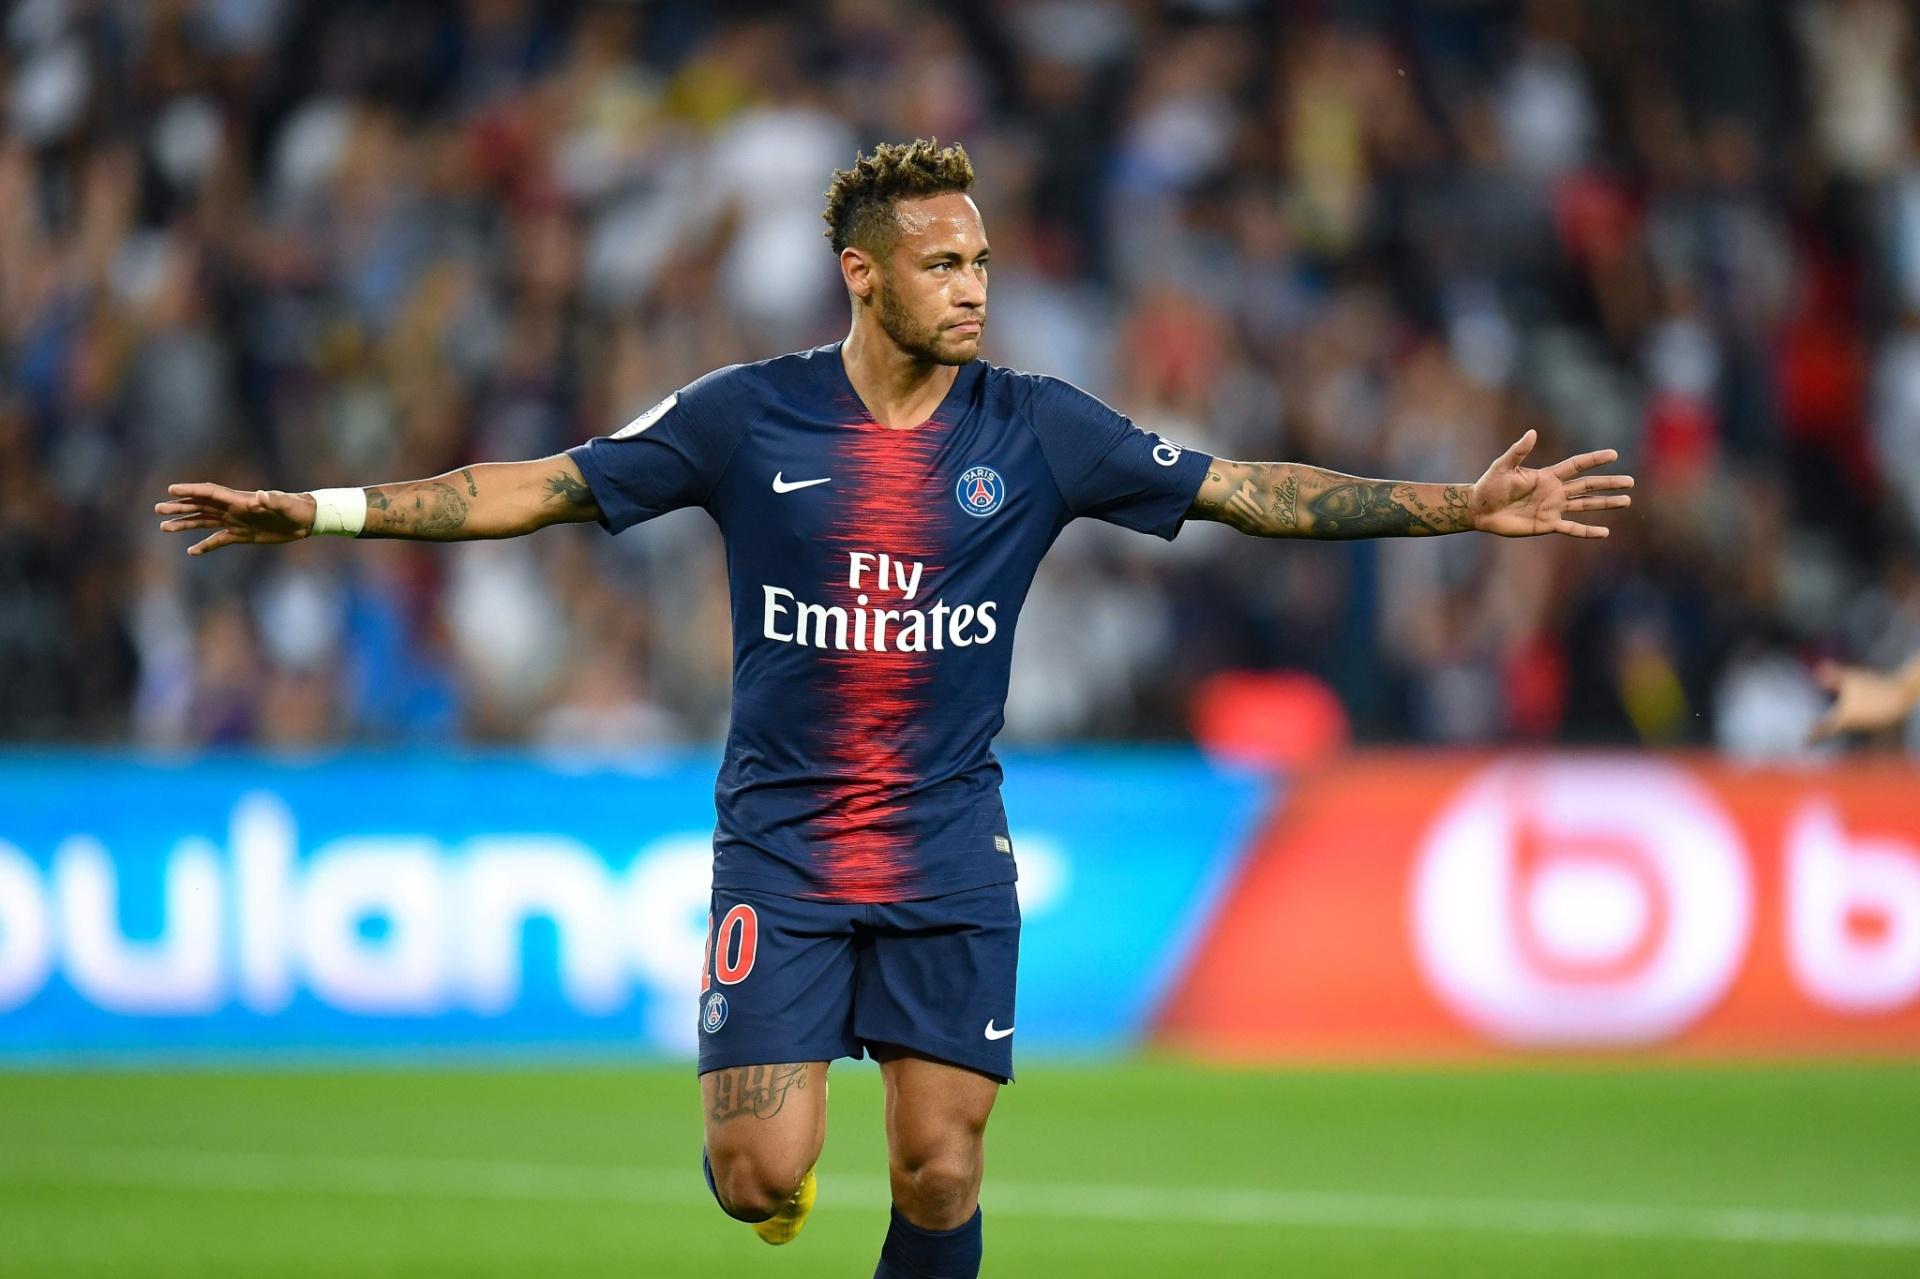 Neymar marca em 9min e PSG estreia com vitória no Francês - 12 08 2018 -  UOL Esporte dd7751a0eb1e6